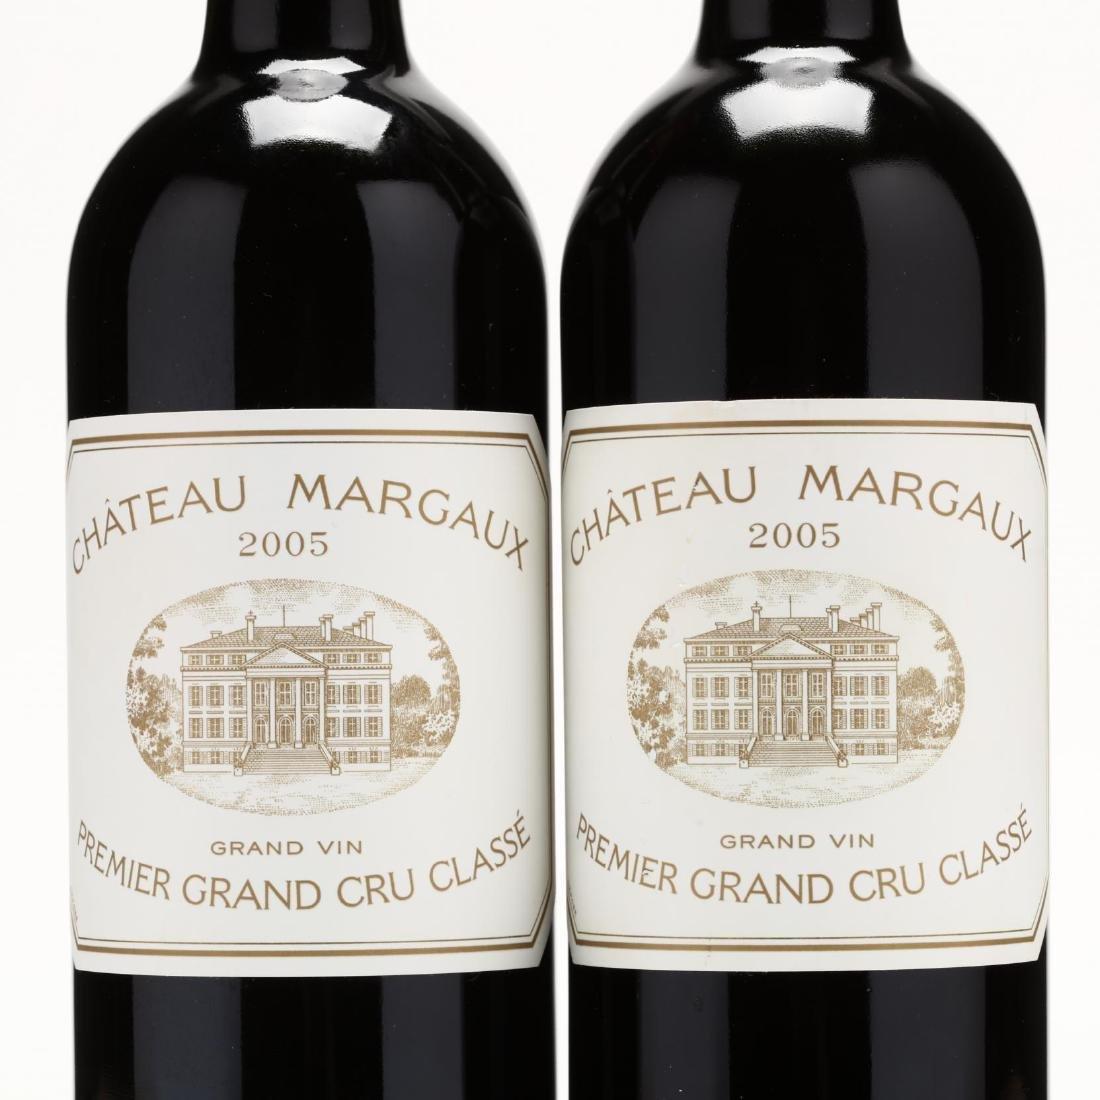 Chateau Margaux - Vintage 2005 - 2